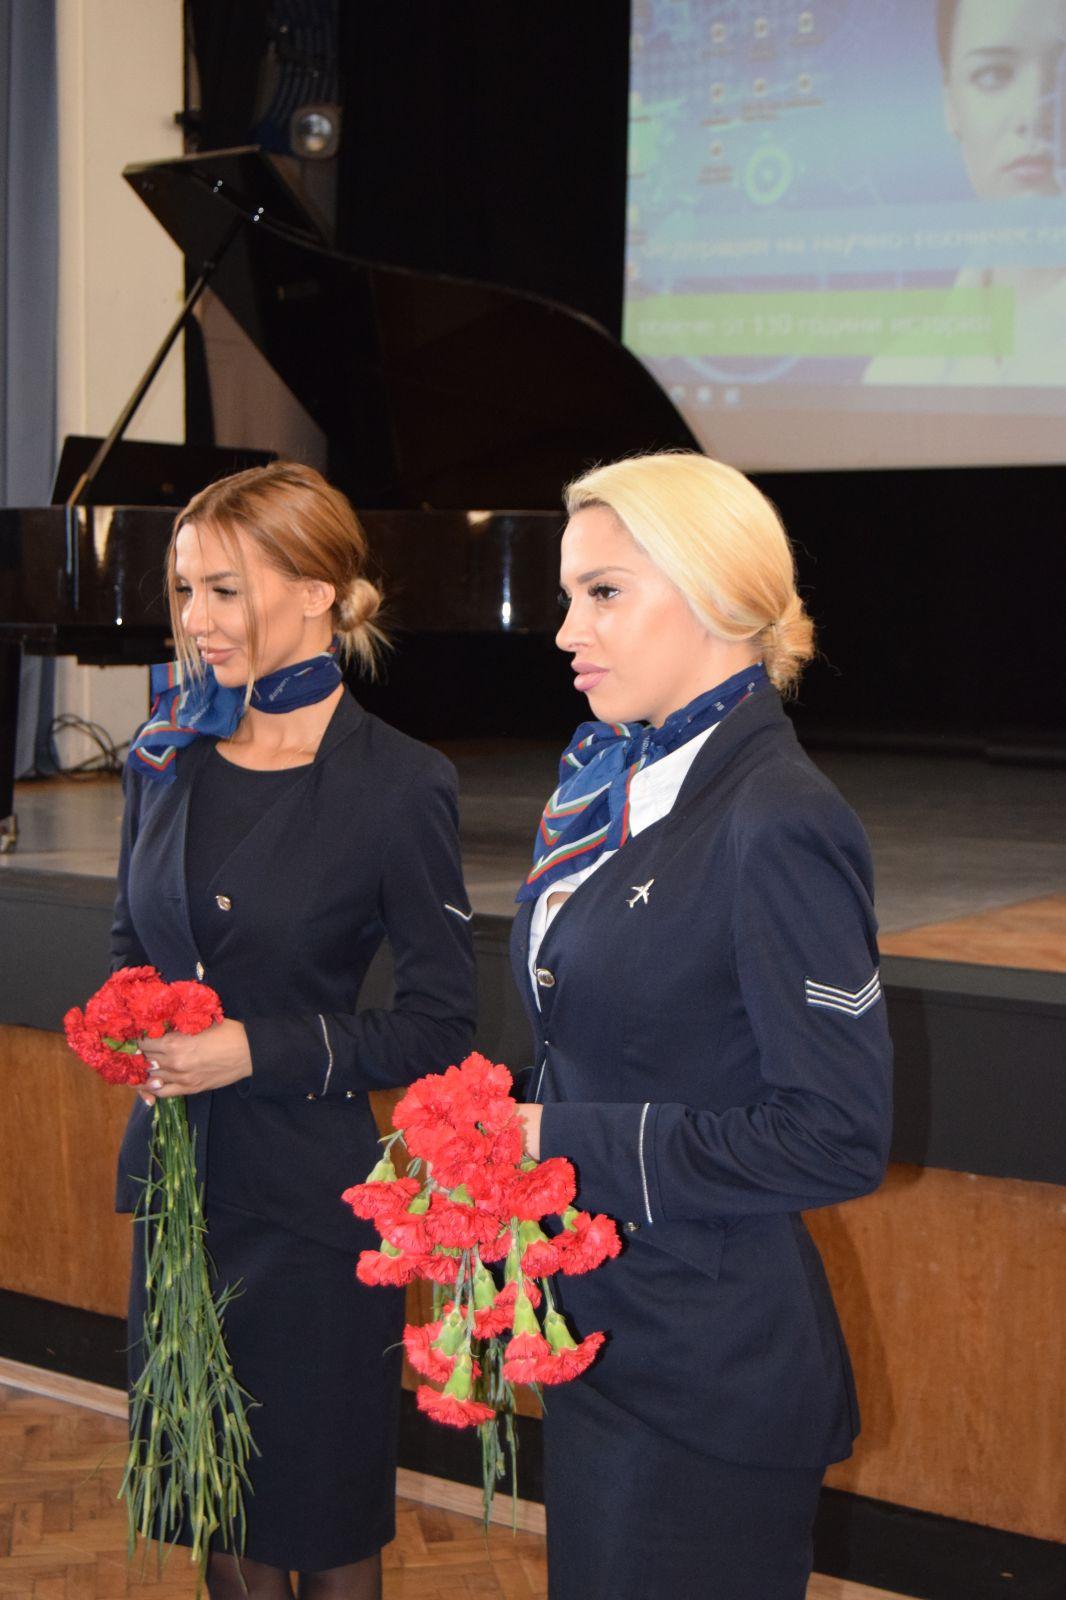 Тържествено отбелязване на 74 години на гражданската авиация в България (ГОЛЯМА ПРАЗНИЧНА ГАЛЕРИЯ)